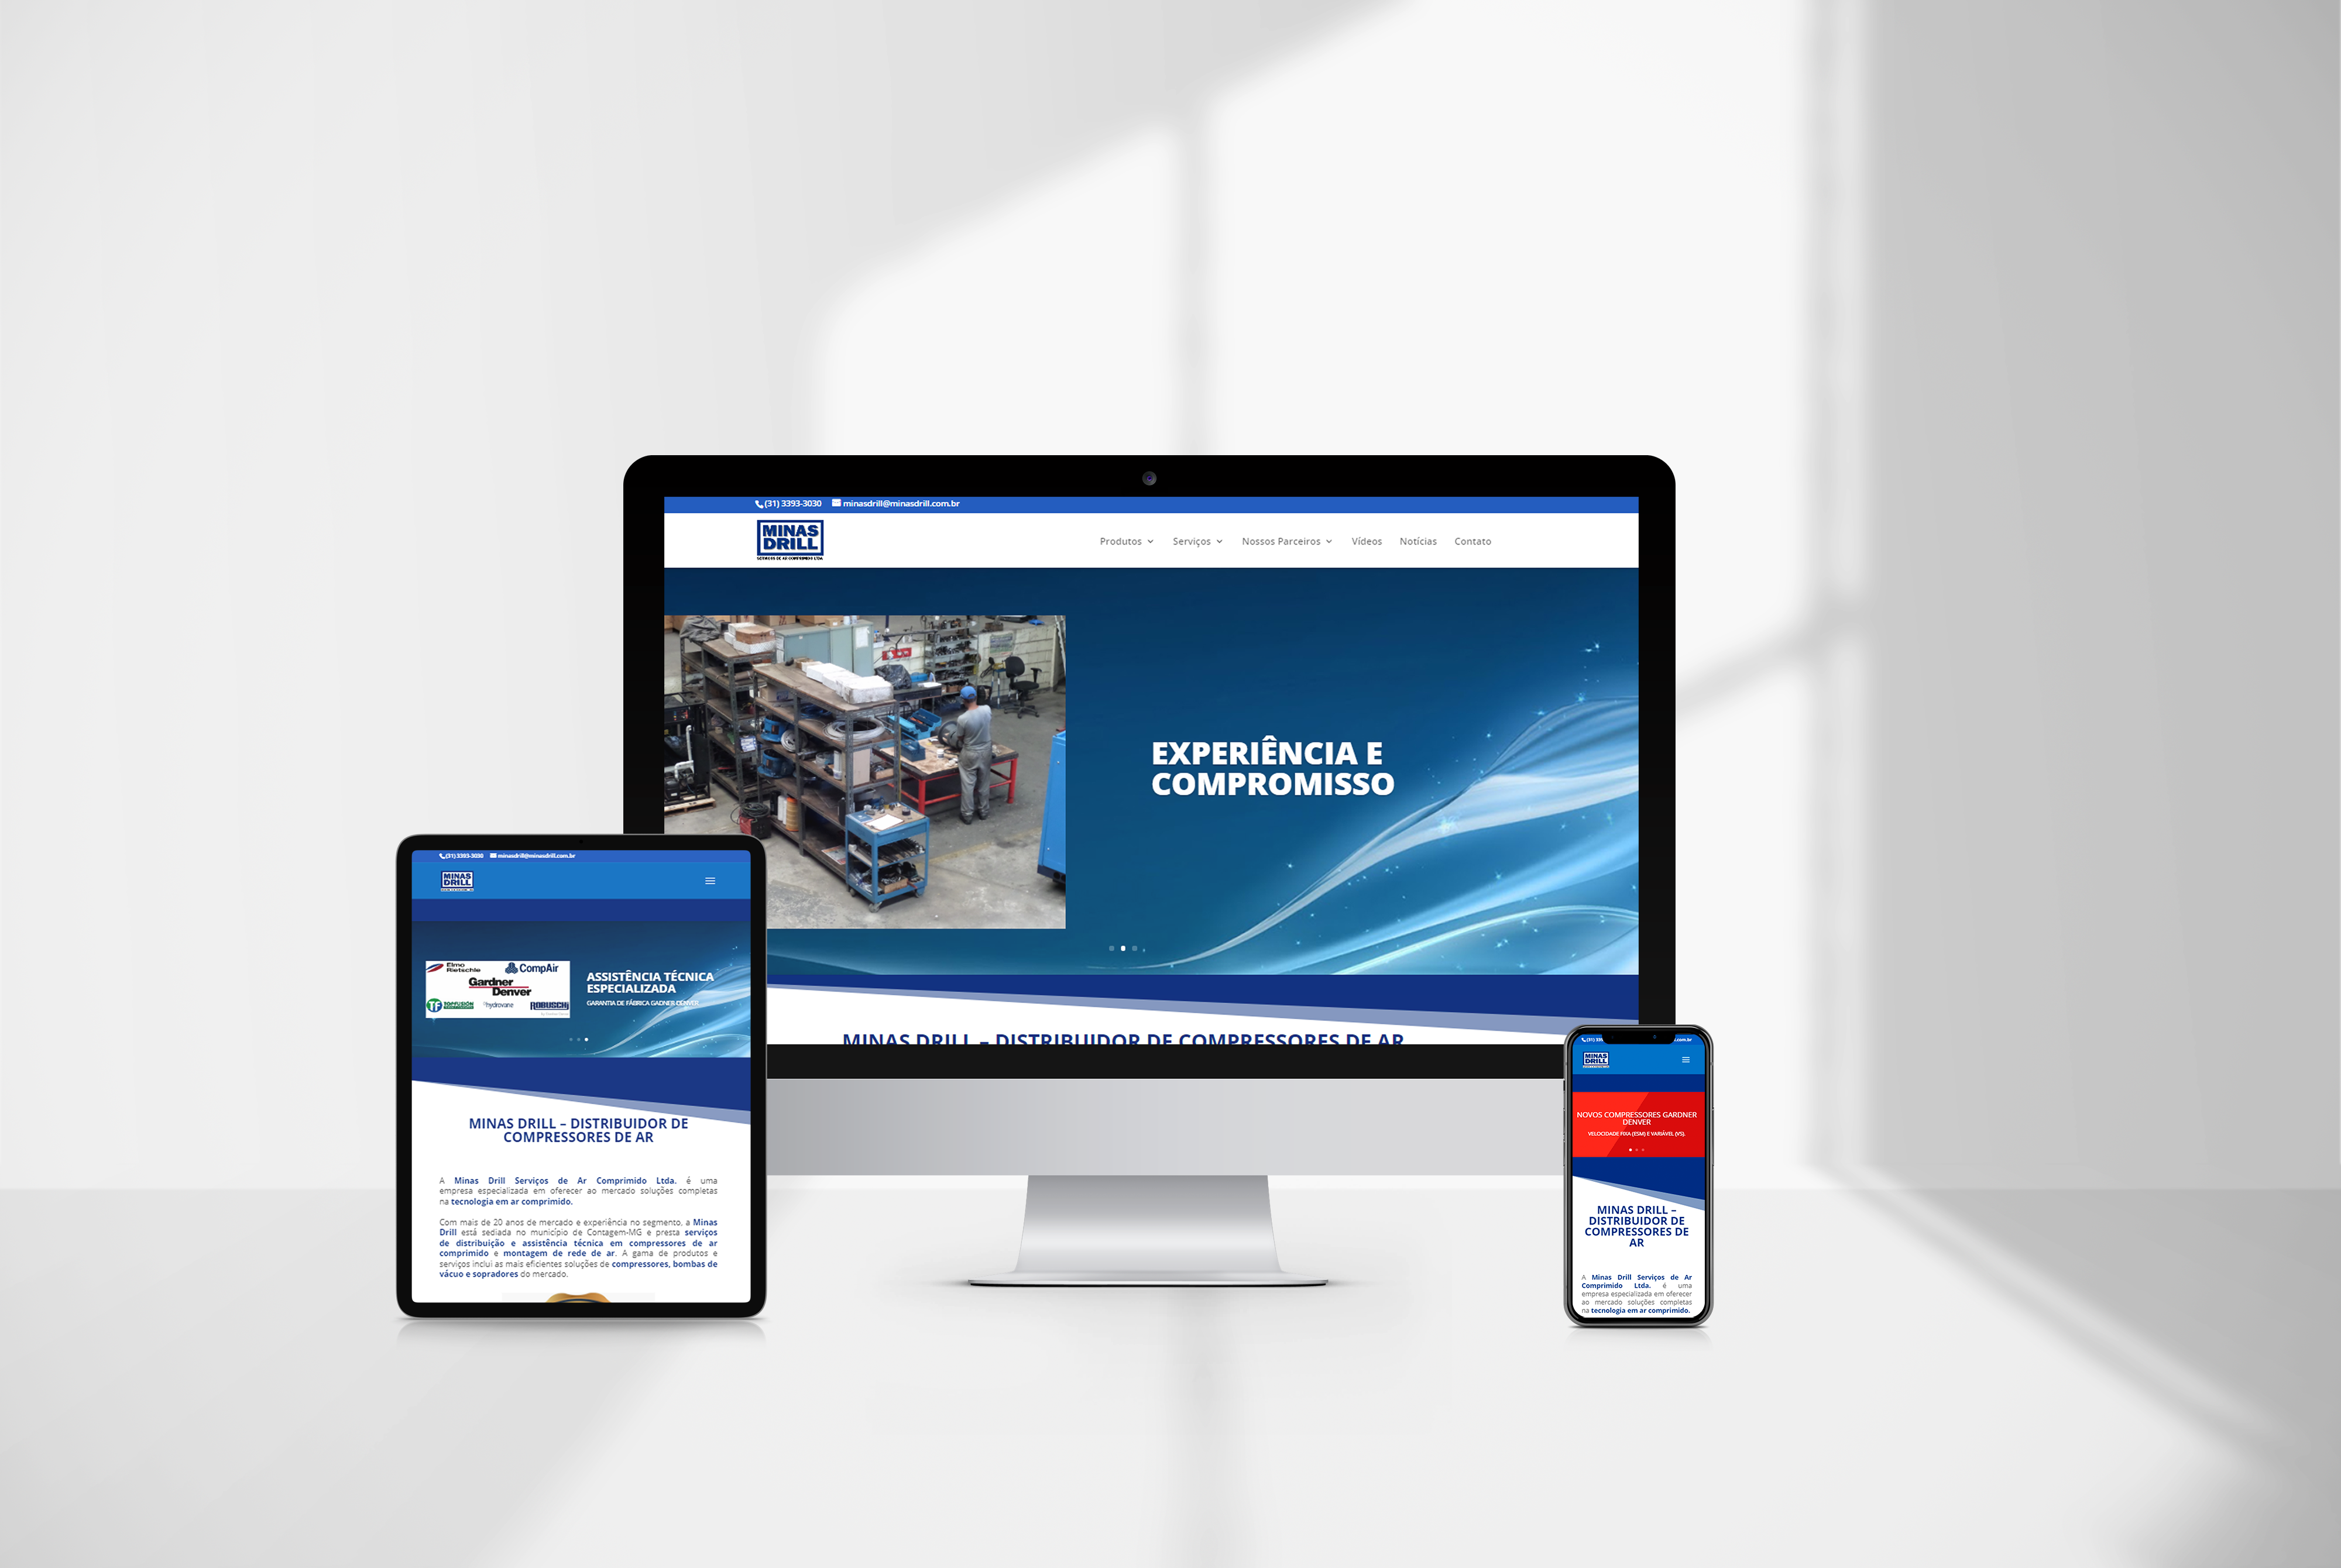 criacao de sites minasdrill - agencia de marketing digital casanova digital